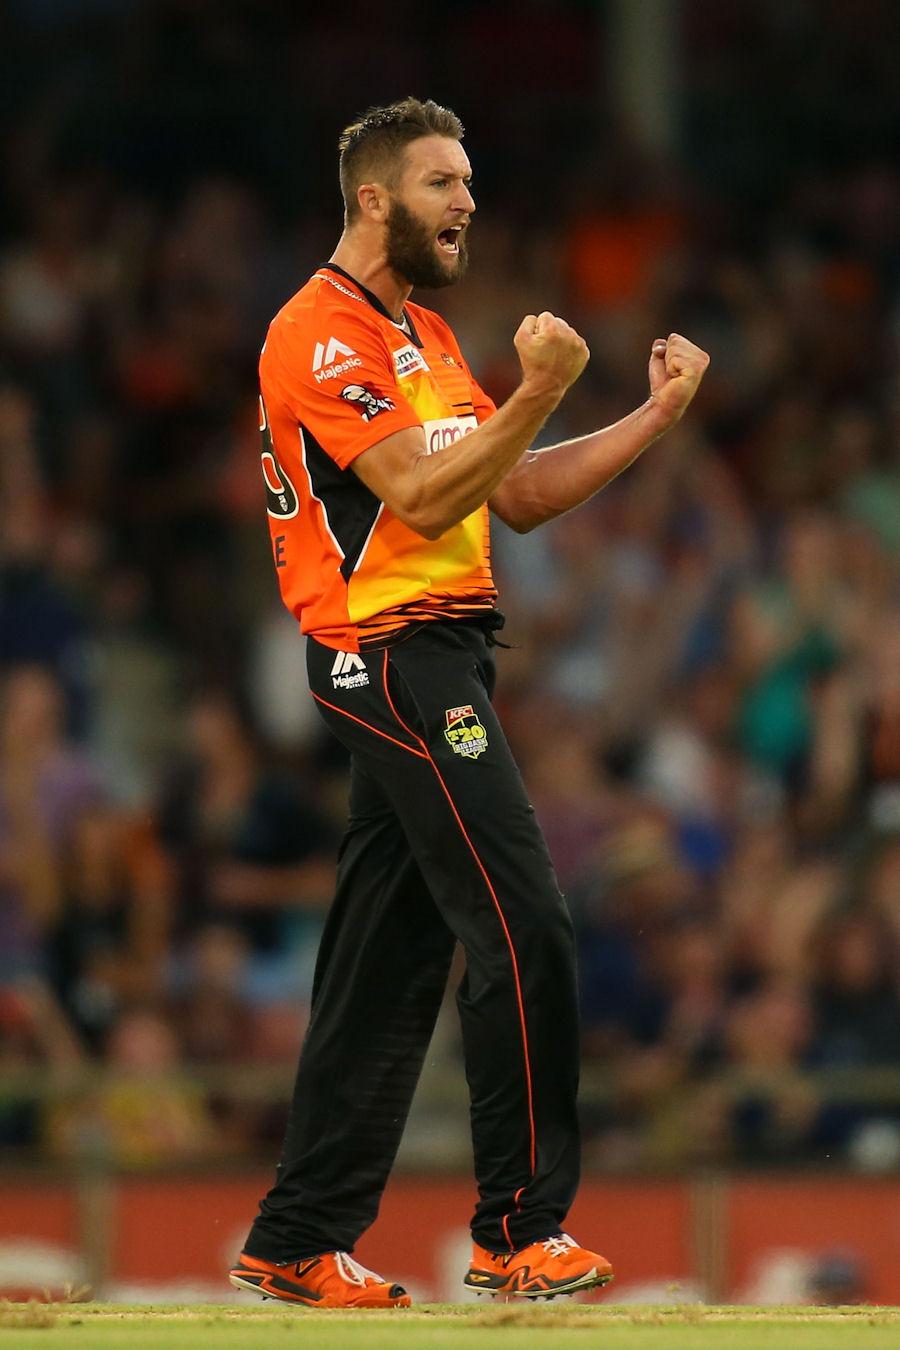 आॅस्ट्रेलिया क्रिकेट टीम के दिग्गज खिलाड़ी एंड्रूयू टाई ने चुना अपनी आॅल टाइम प्लेइंग इलेवन ड्रीम्स टीम इस भारतीय को मिली जगह, इस दिग्गज को सौपी कप्तानी 1